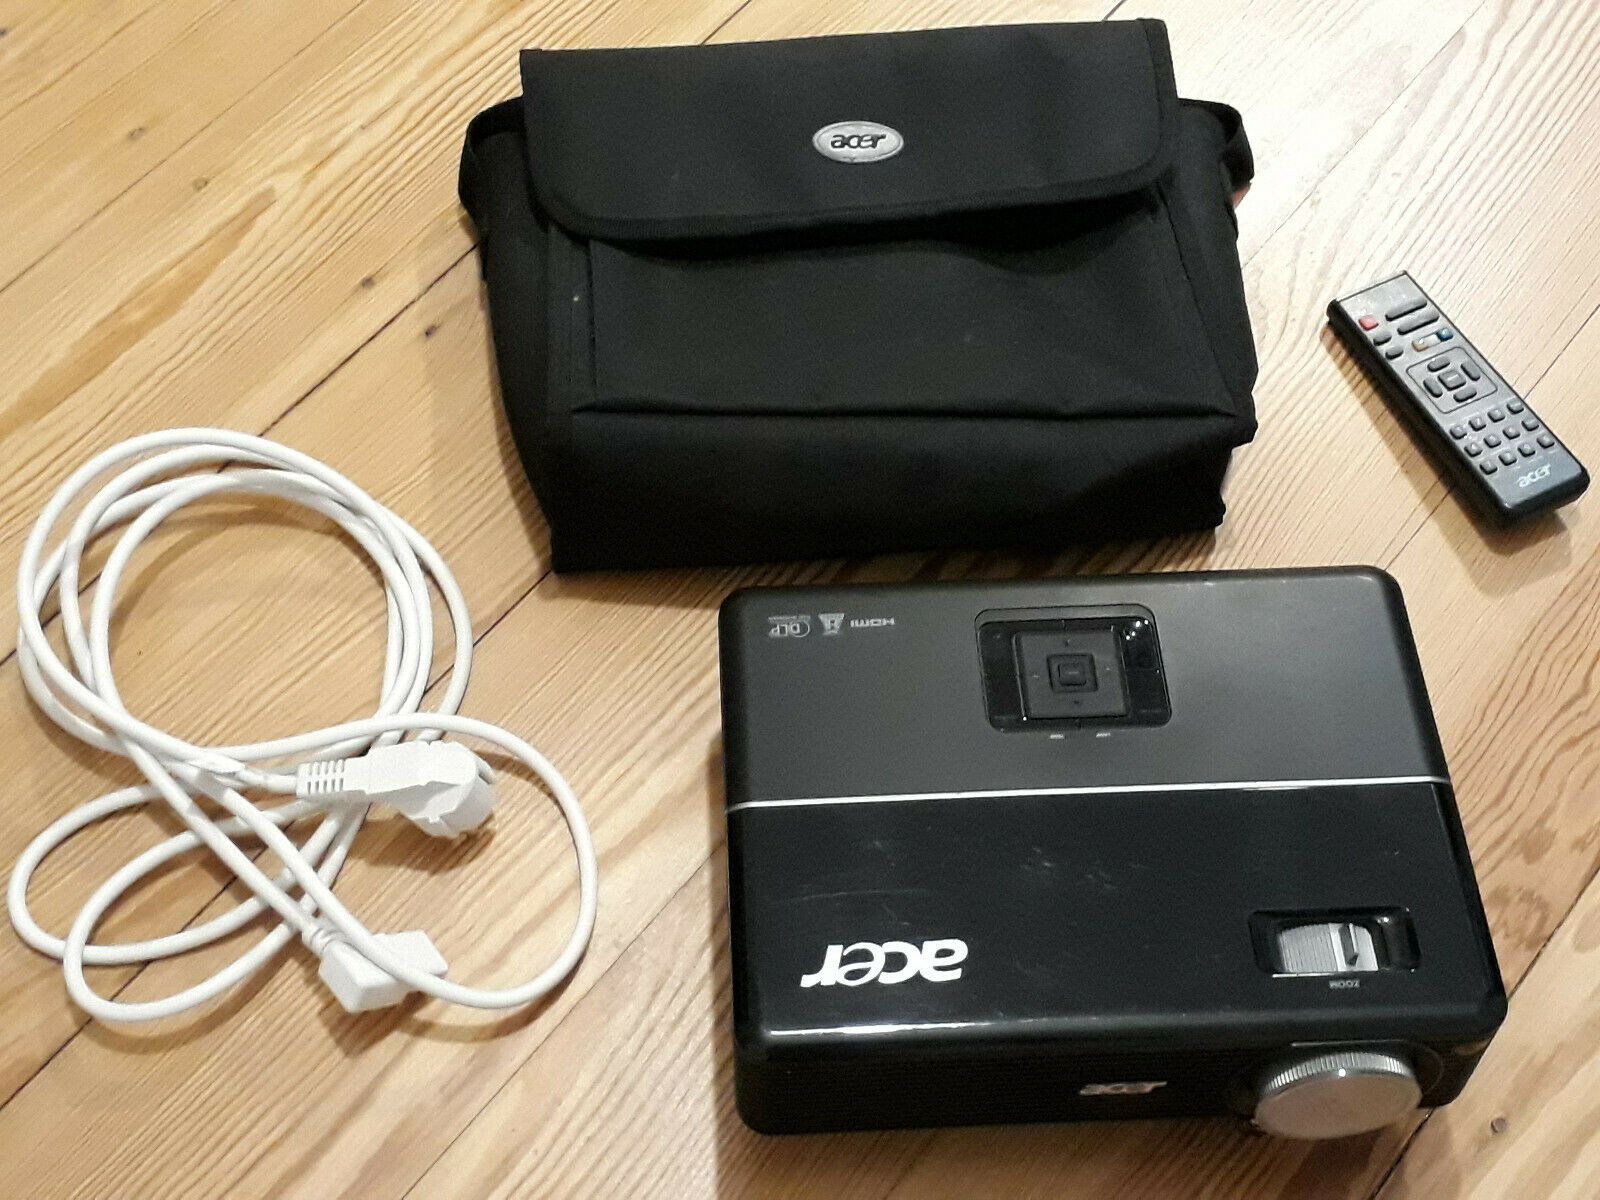 Acer DLP Beamer P1203 - 3D ready, schwarz, gebraucht